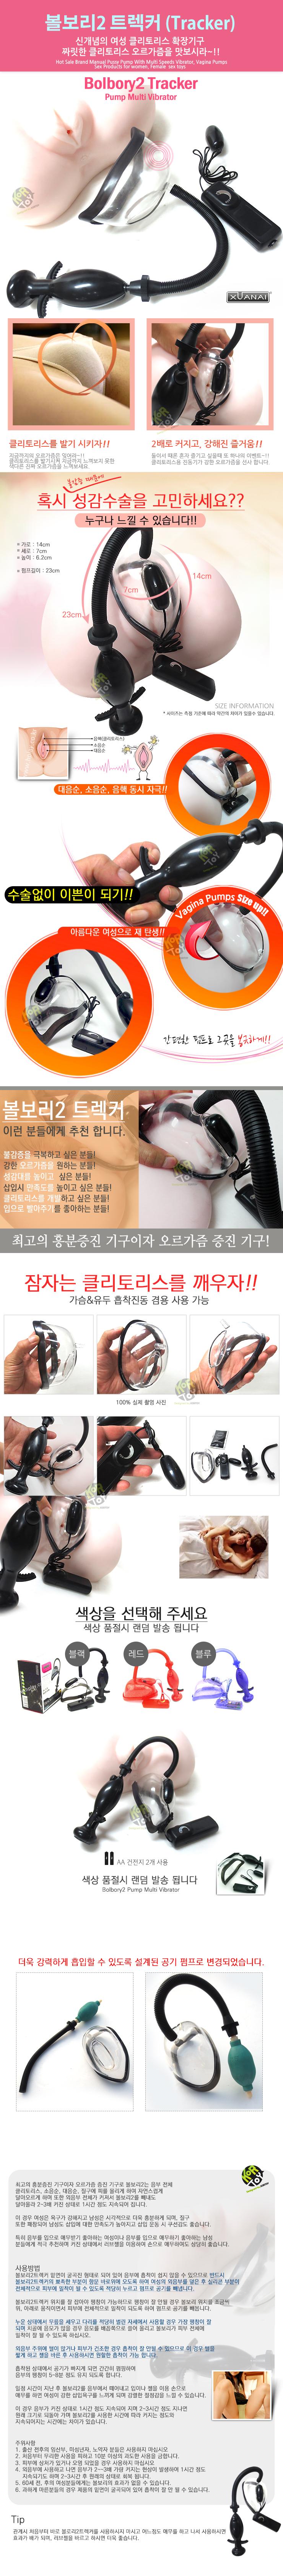 볼보리2 트렉커 신개념 여성 클리토리스 확장기구